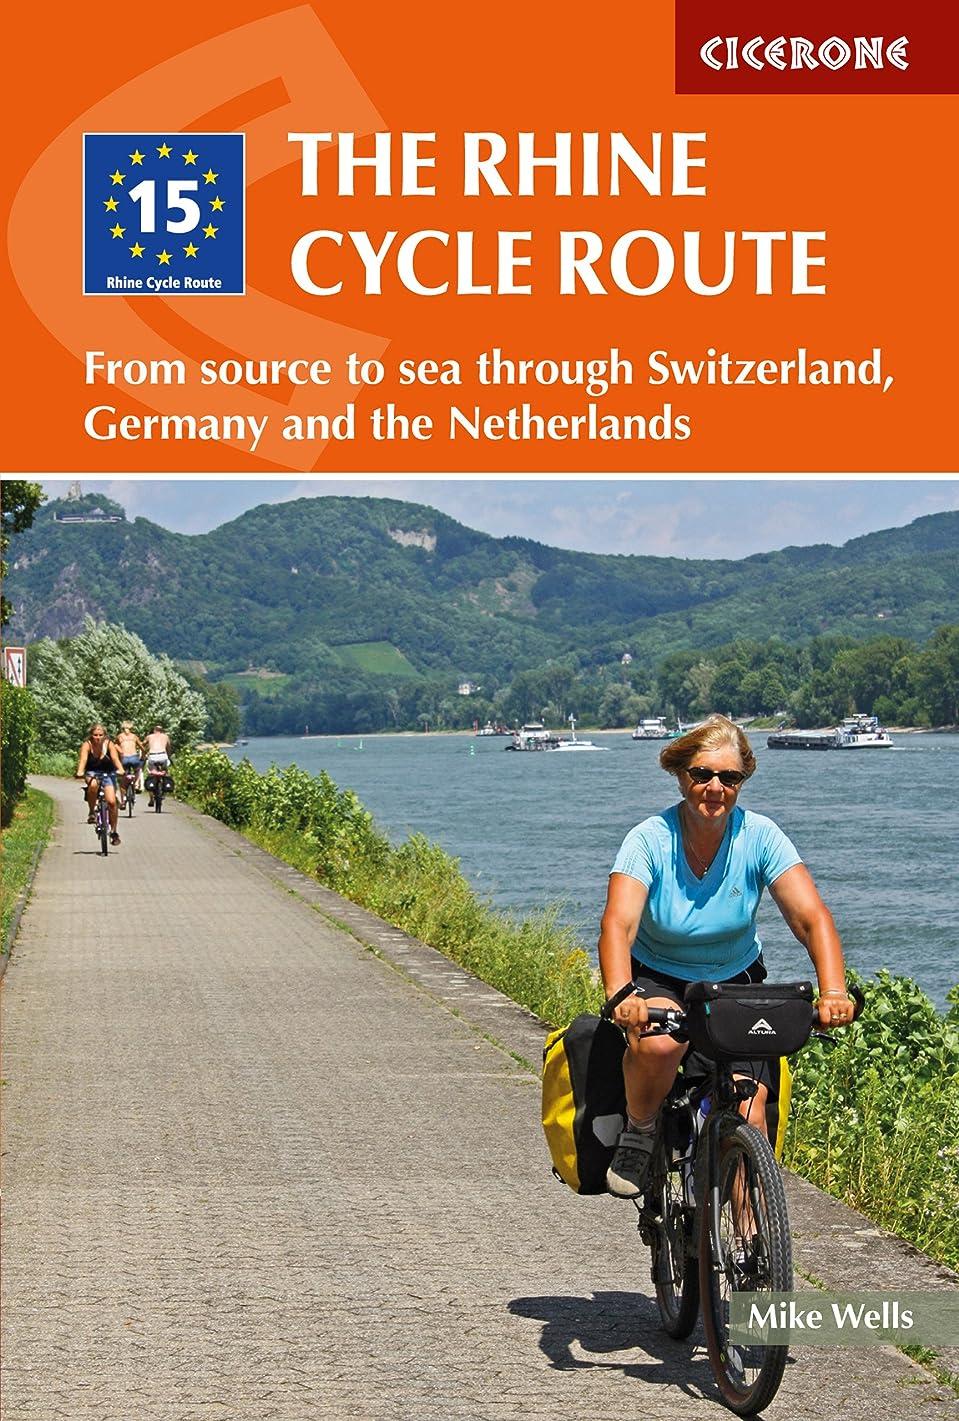 配管アクティビティ愛するThe Rhine Cycle Route: From source to sea through Switzerland, Germany and the Netherlands (Cicerone Guide) (English Edition)